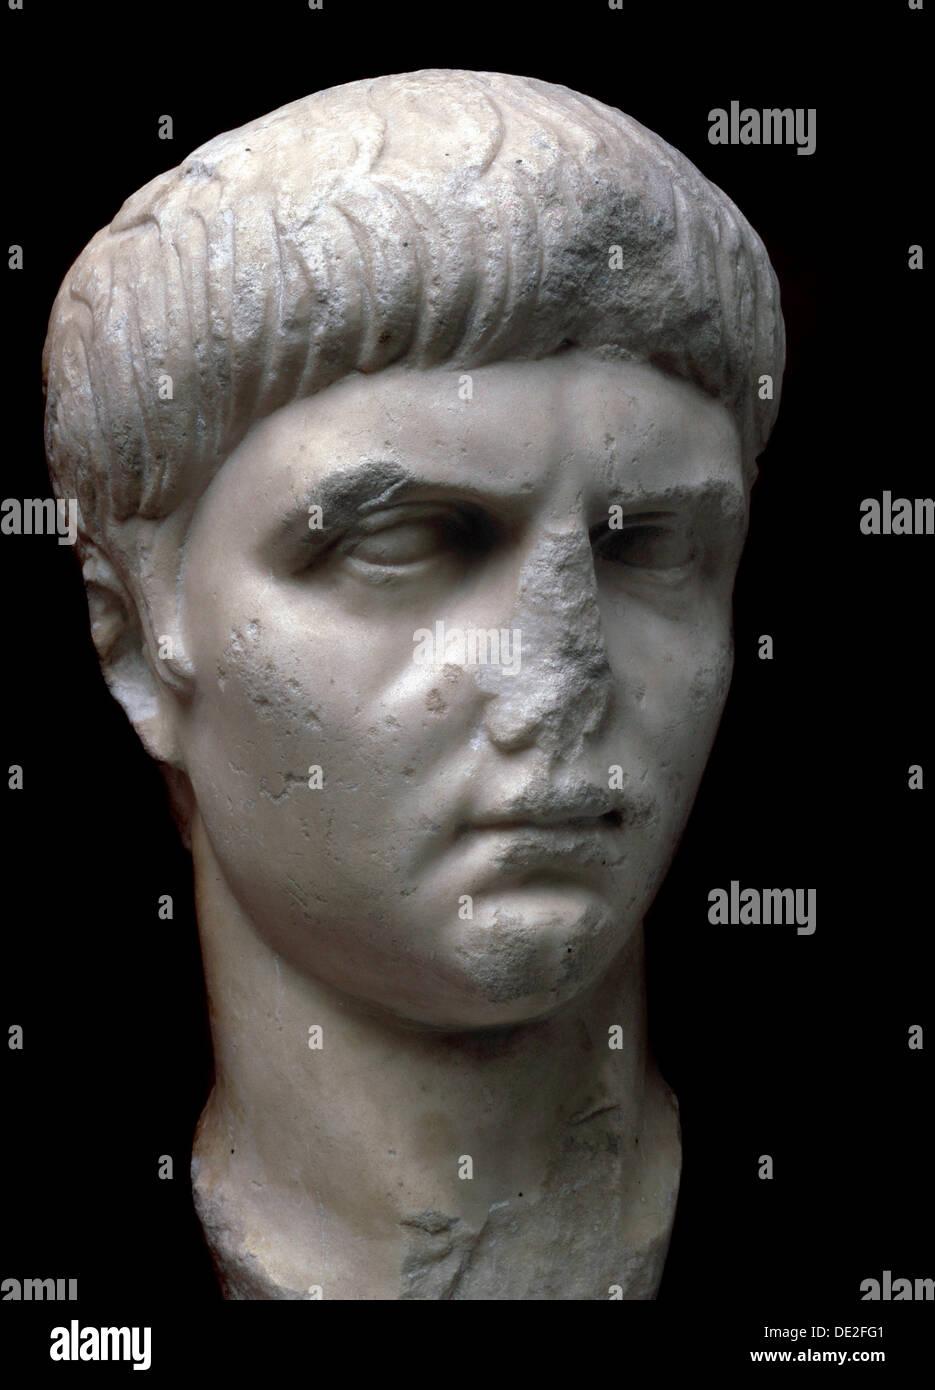 Portrait en buste de l'empereur romain Néron, 1er siècle. Photo Stock